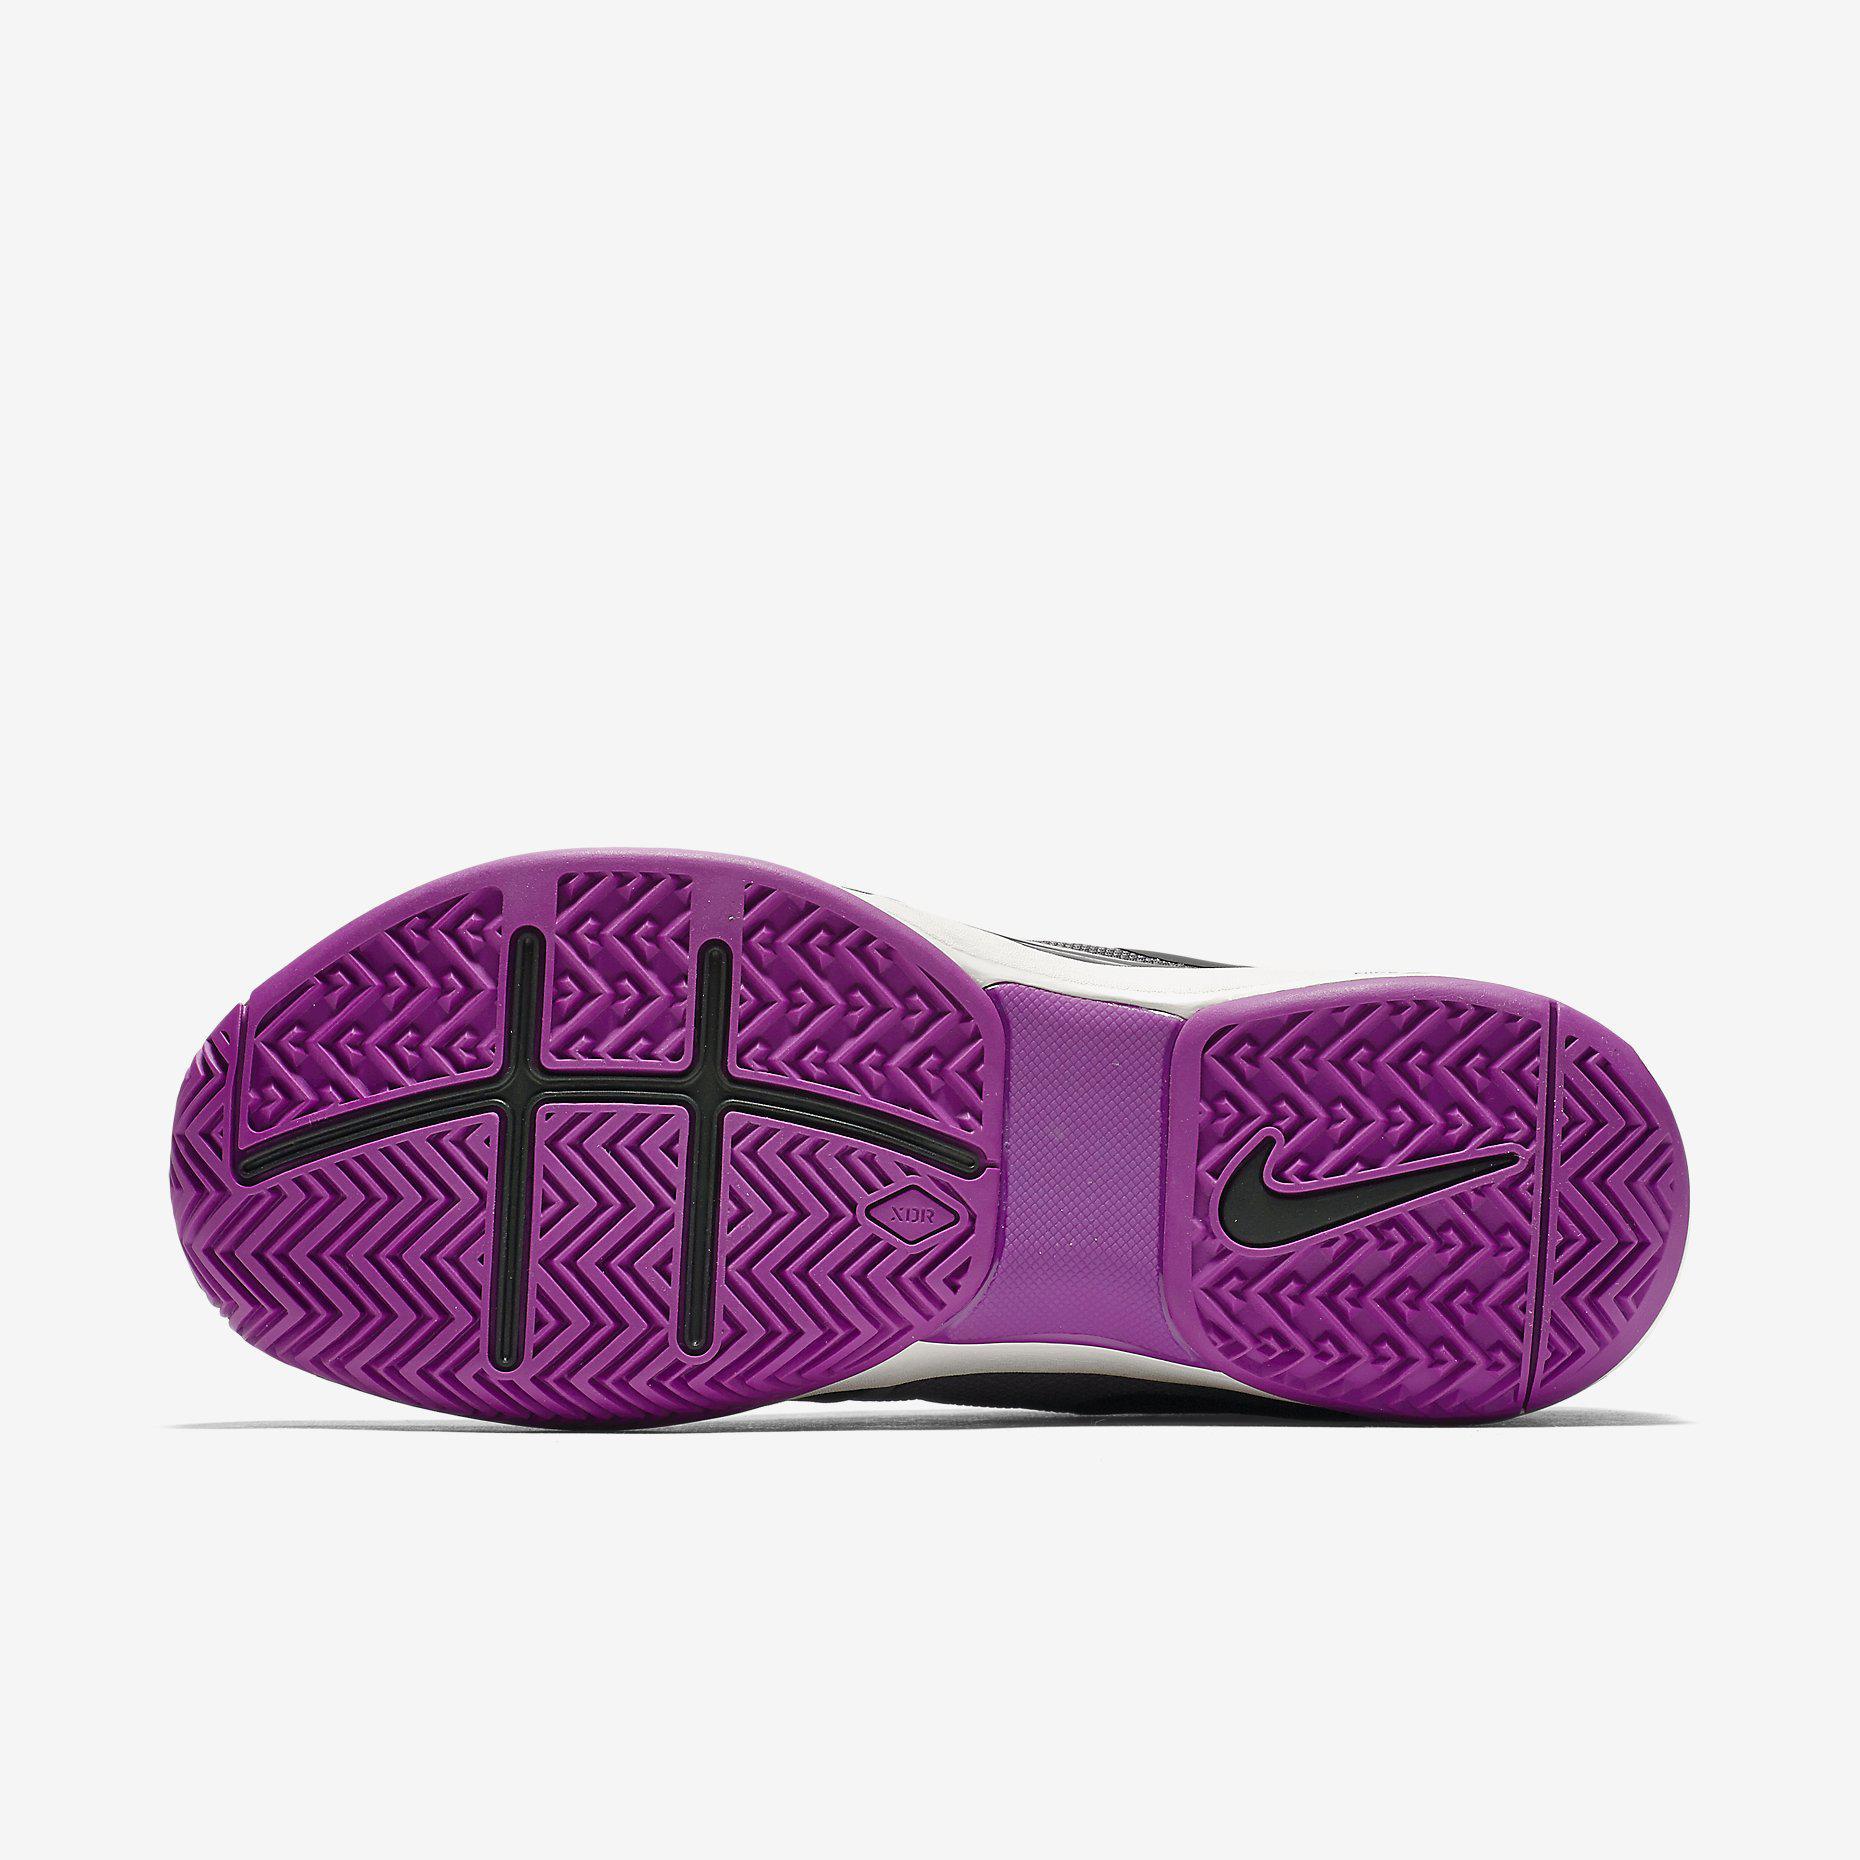 info for 71778 8d5a0 ... Nike Vapeur Zoom Femmes 9.5 Chaussures De Tennis - Minuit Couleur De  Brouillard Ce2XmTLgV ...